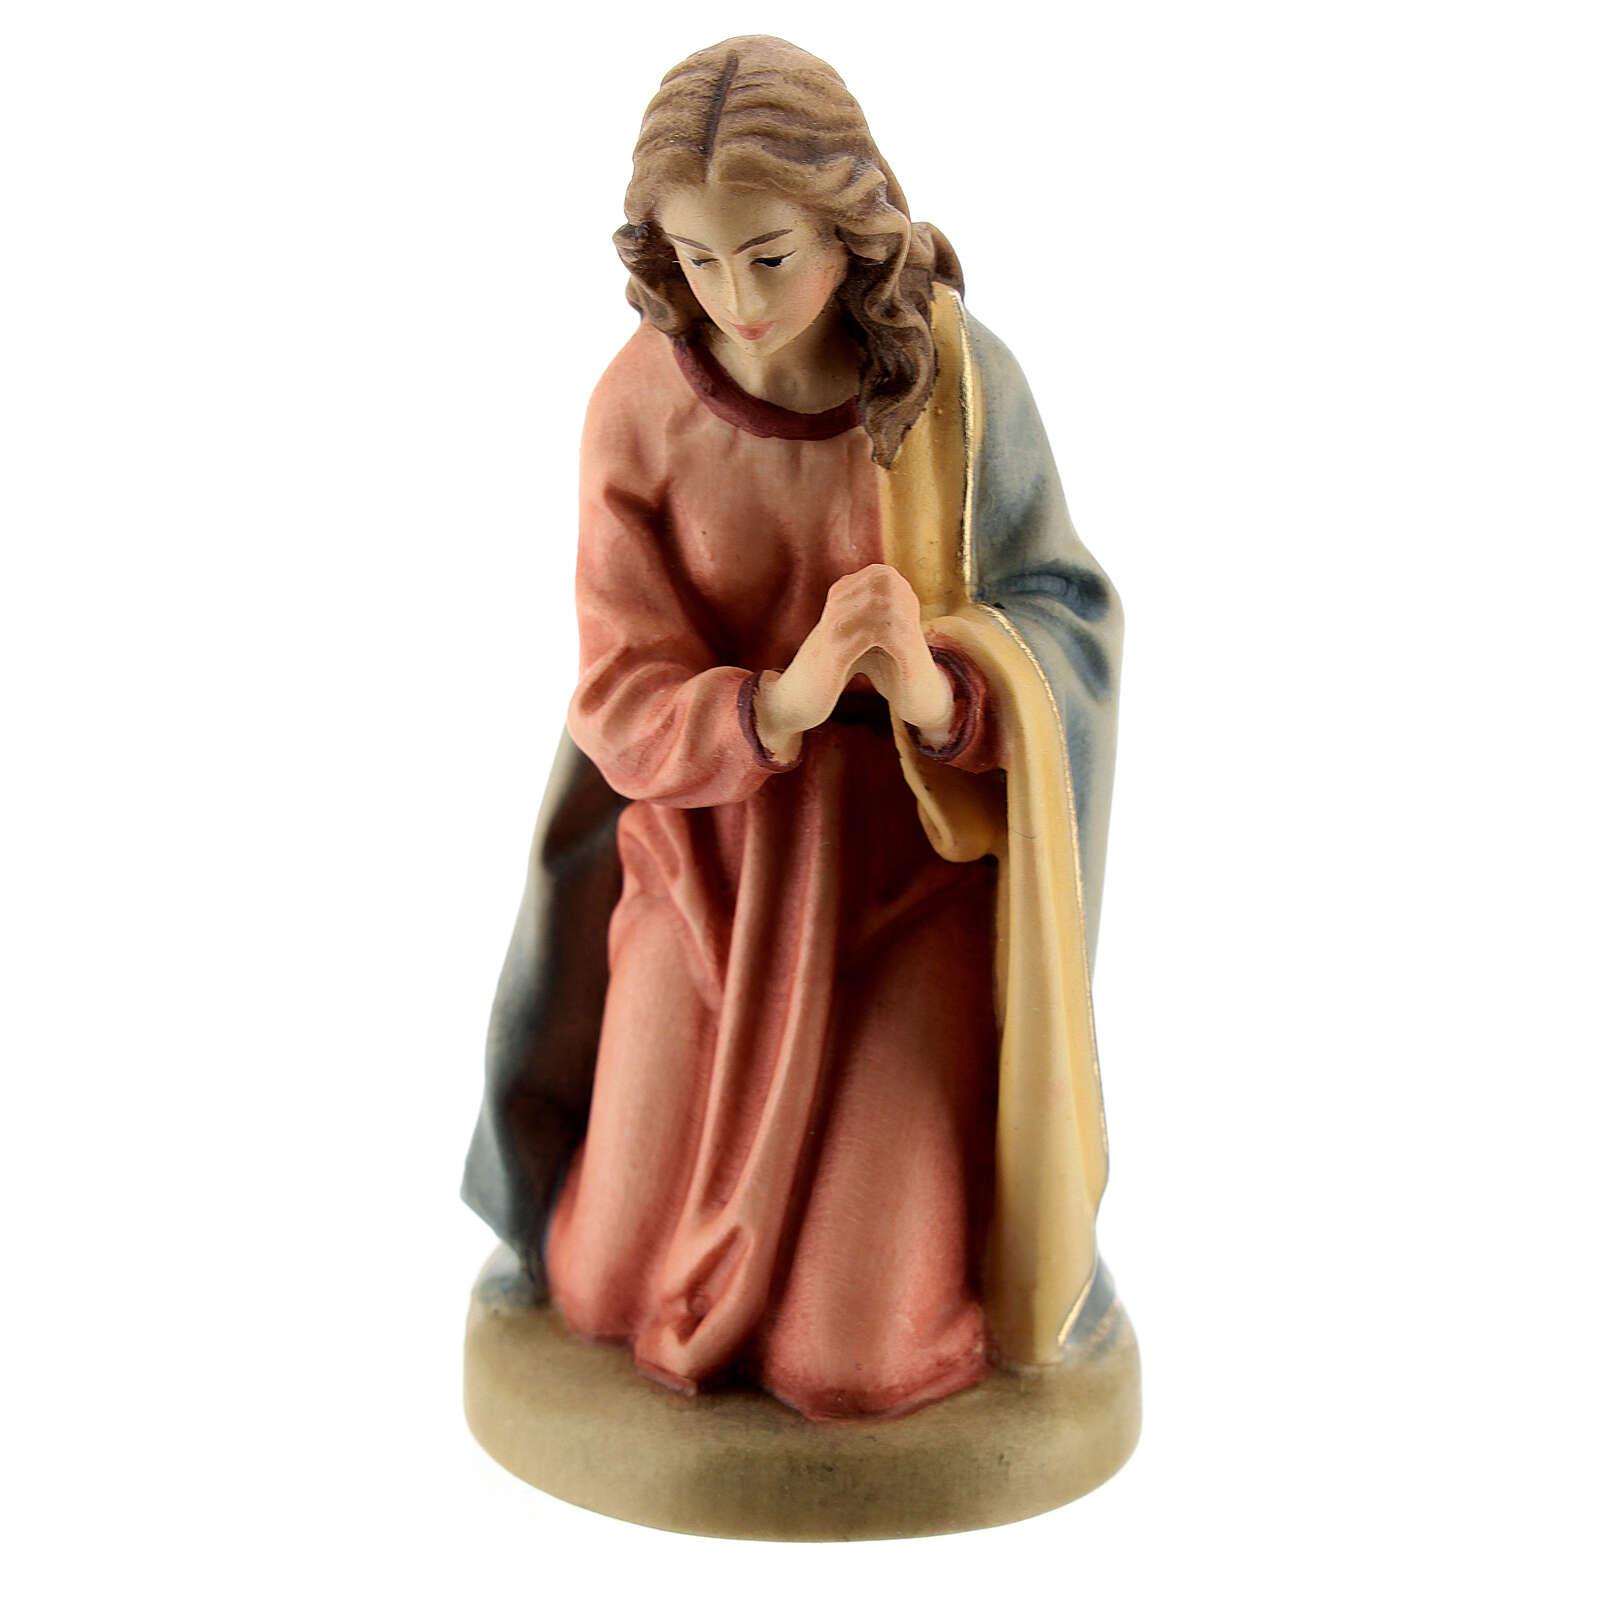 Maria 12 cm madeira presépio mod. Val Gardena 4